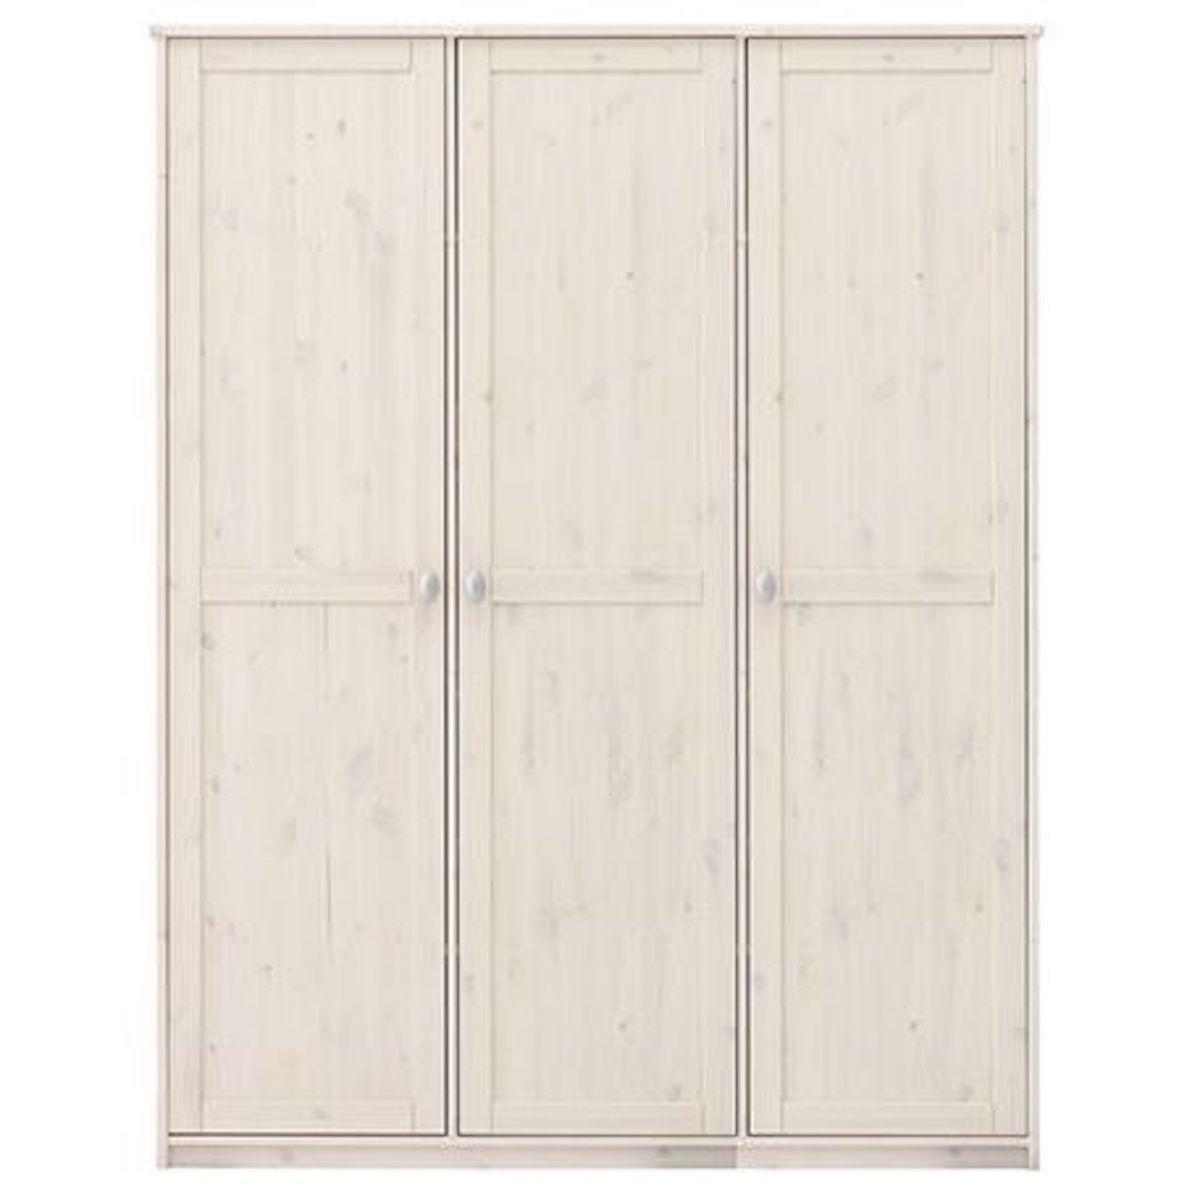 Armoire 3 portes 154cm Lifetime blanchi